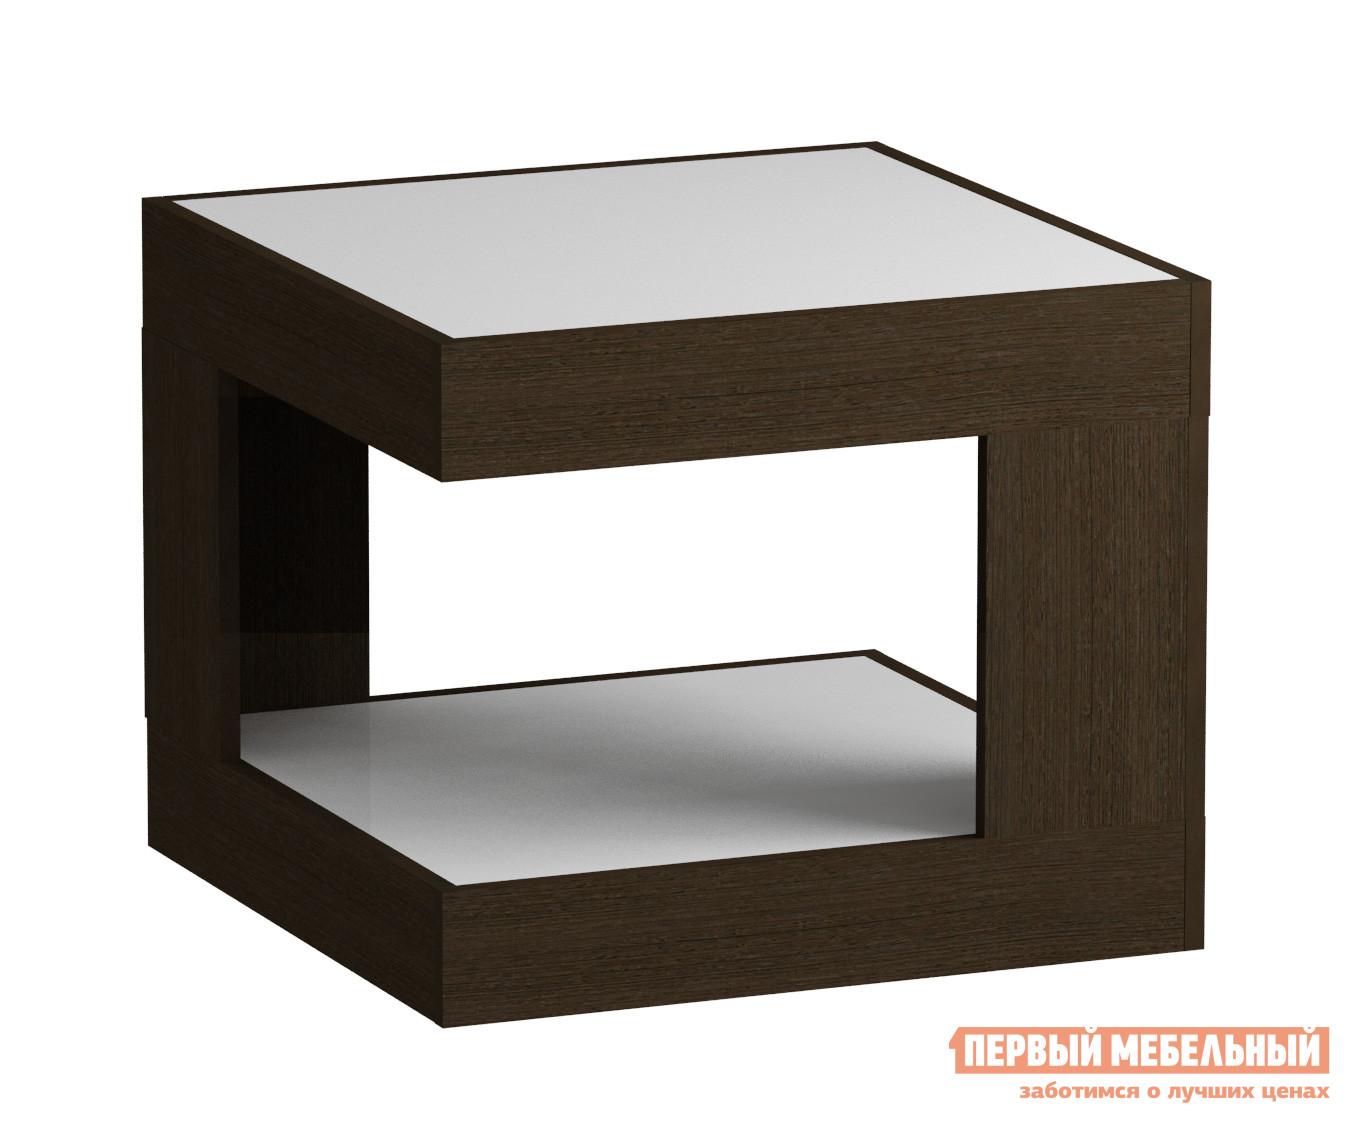 Журнальный столик Мебель Импэкс Leset LS 746 Венге / Белое стеклоЖурнальные столики<br>Габаритные размеры ВхШхГ 500x600x600 мм. Квадратный журнальный столик для гостиной или спальни.  Большая столешница позволяет сервировать чай к приходу гостей.  На нижней полке удобно держать нужные под рукой вещи.  Оригинальная геометрия в дизайне модели делает ее стильным элементом как классического, так и современного интерьера. Корпус столика выполняется из ЛДСП, столешница и нижняя полка — стекло.<br><br>Цвет: Белый<br>Цвет: Венге<br>Высота мм: 500<br>Ширина мм: 600<br>Глубина мм: 600<br>Кол-во упаковок: 1<br>Форма поставки: В разобранном виде<br>Срок гарантии: 1 год<br>Тип: Офисные<br>Назначение: Для офиса<br>Назначение: Для гостиной<br>Материал: Стекло<br>Материал: ЛДСП<br>Форма: Квадратные<br>Размер: Маленькие<br>Высота: Низкие<br>С полкой: Да<br>Стиль: Модерн